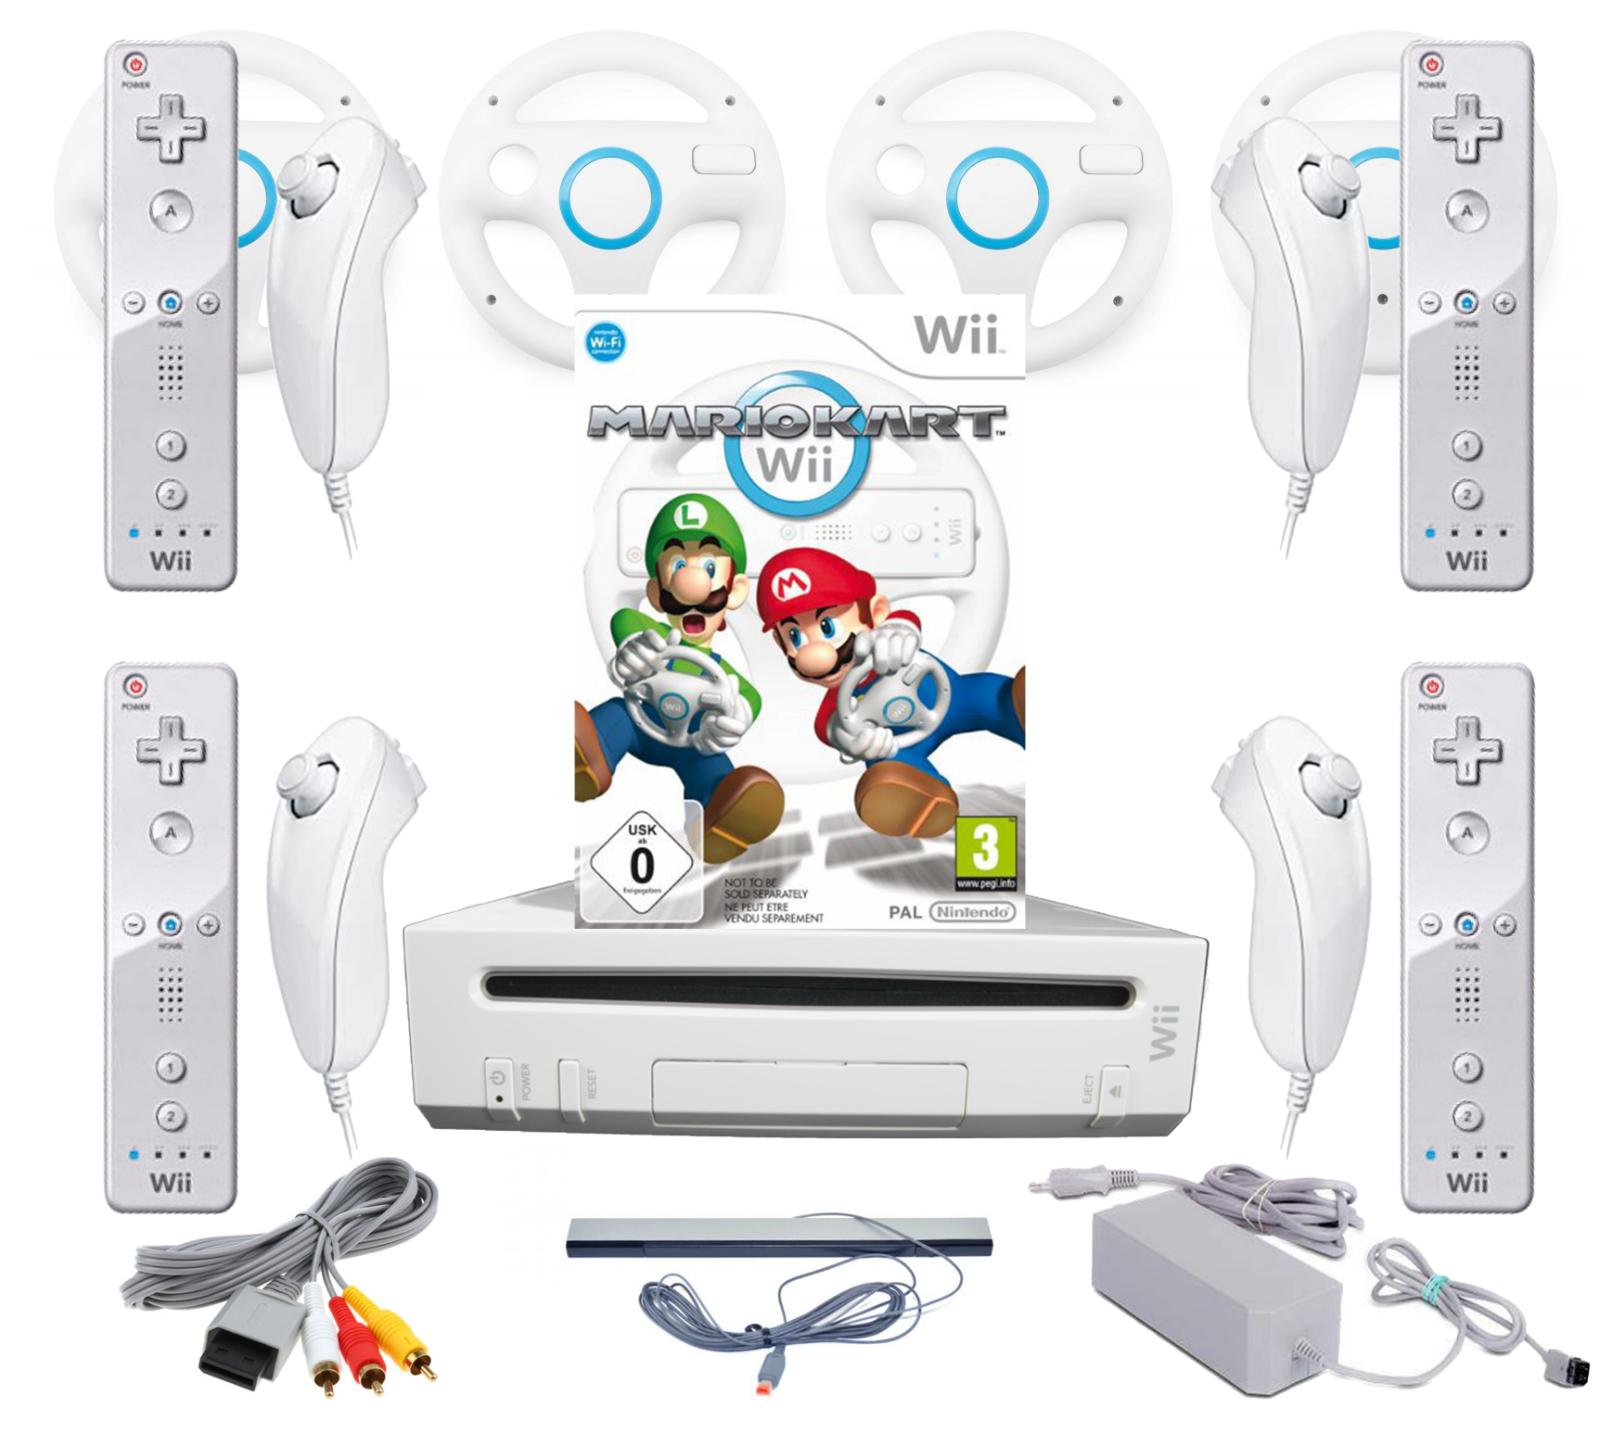 Nintendo Wii Sets + Mario Kart, Wii Fit, Party Spiele + 1-4 Spieler Mega Auswahl